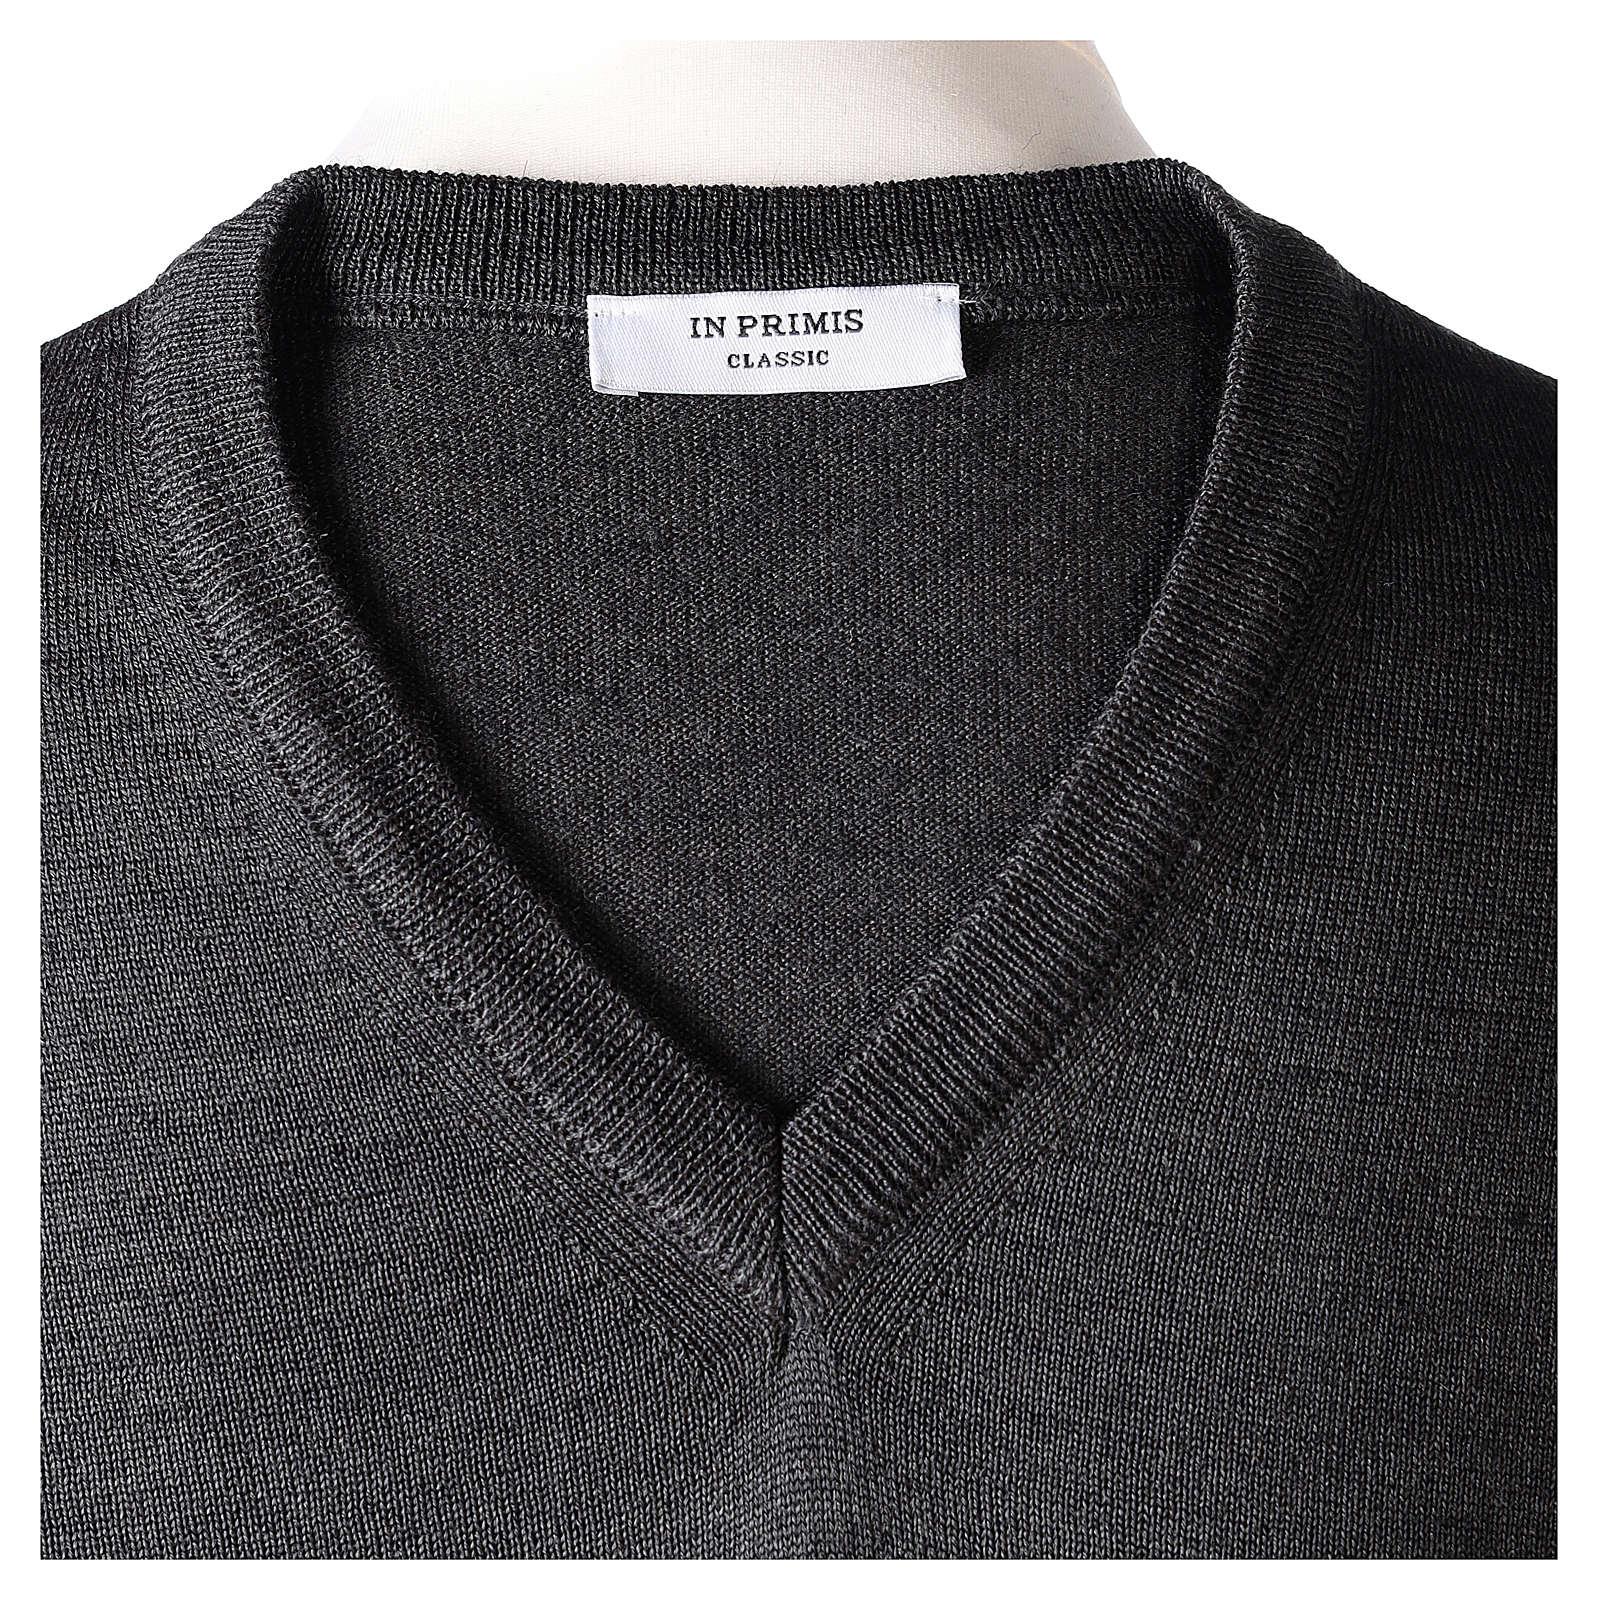 Pullover sacerdote collo a V grigio antracite 50% lana merino 50% acrilico In Primis 4